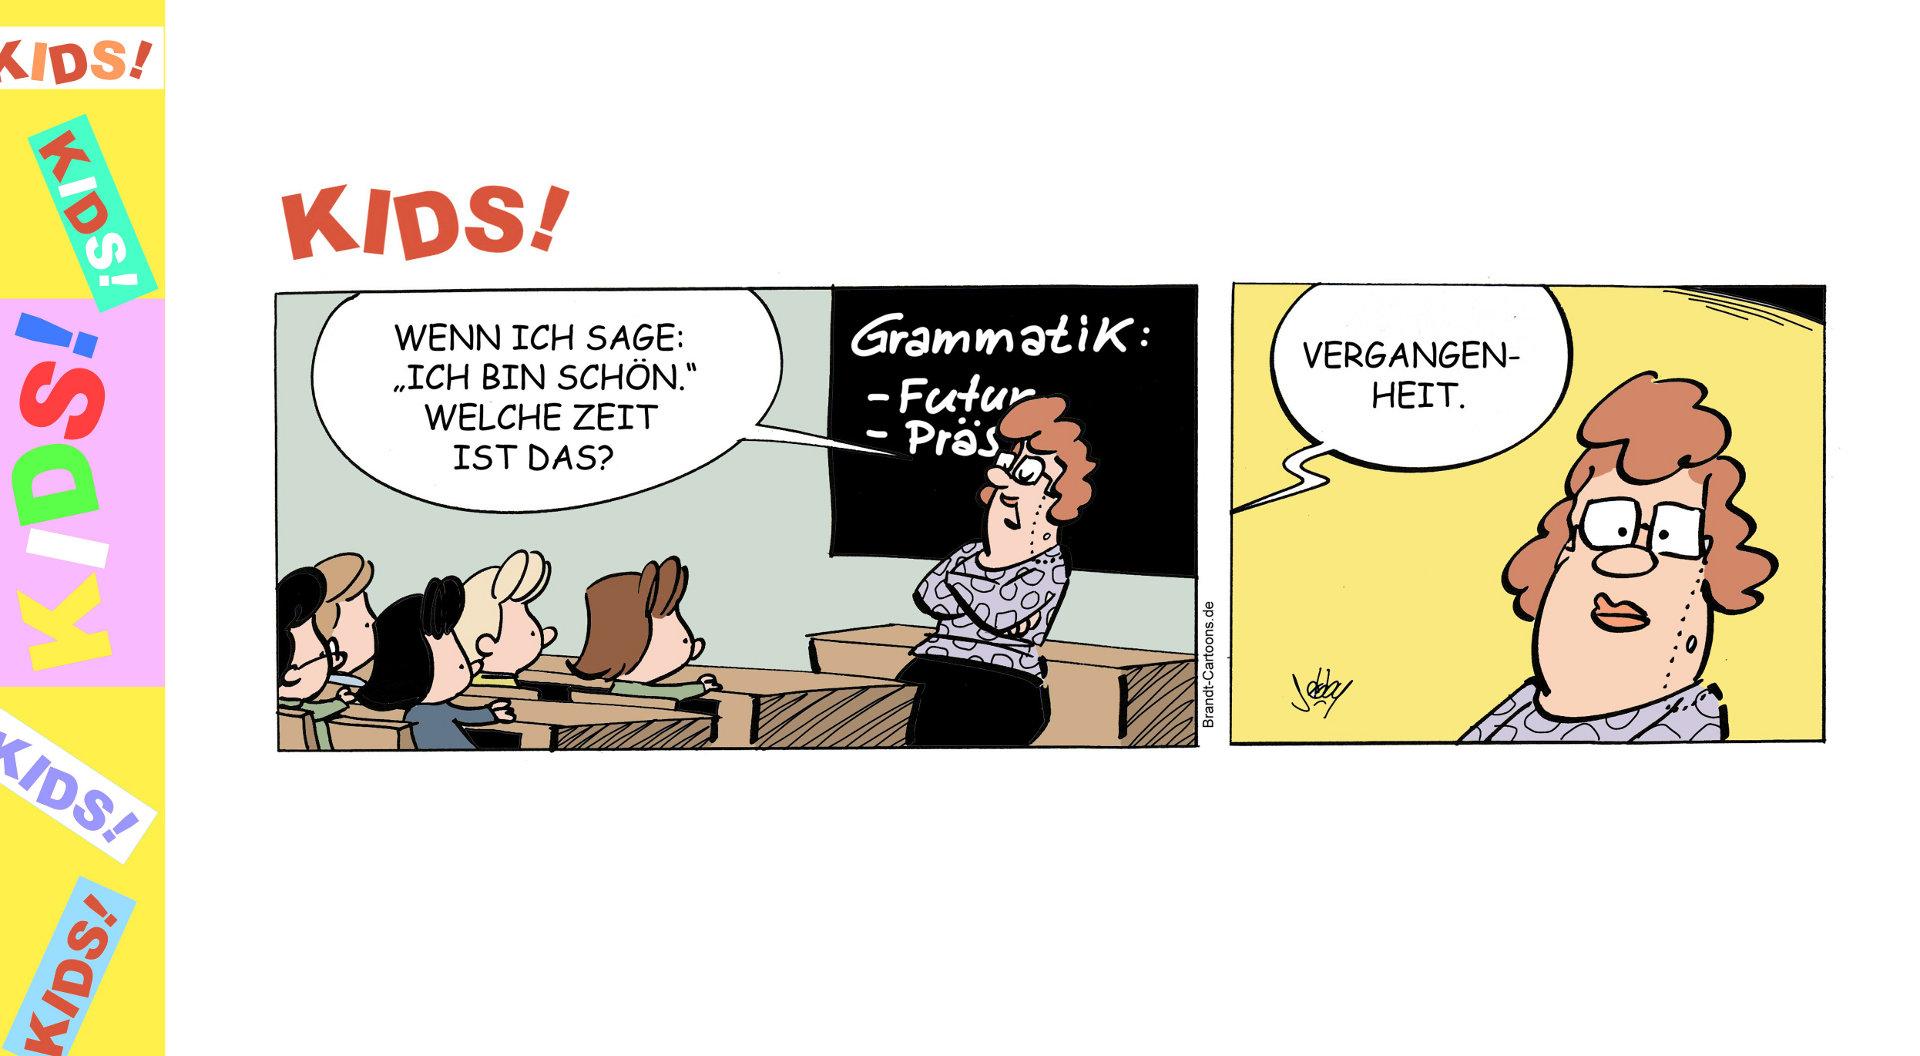 http://treworx.net/kunden/brandt-cartoons/kids.html